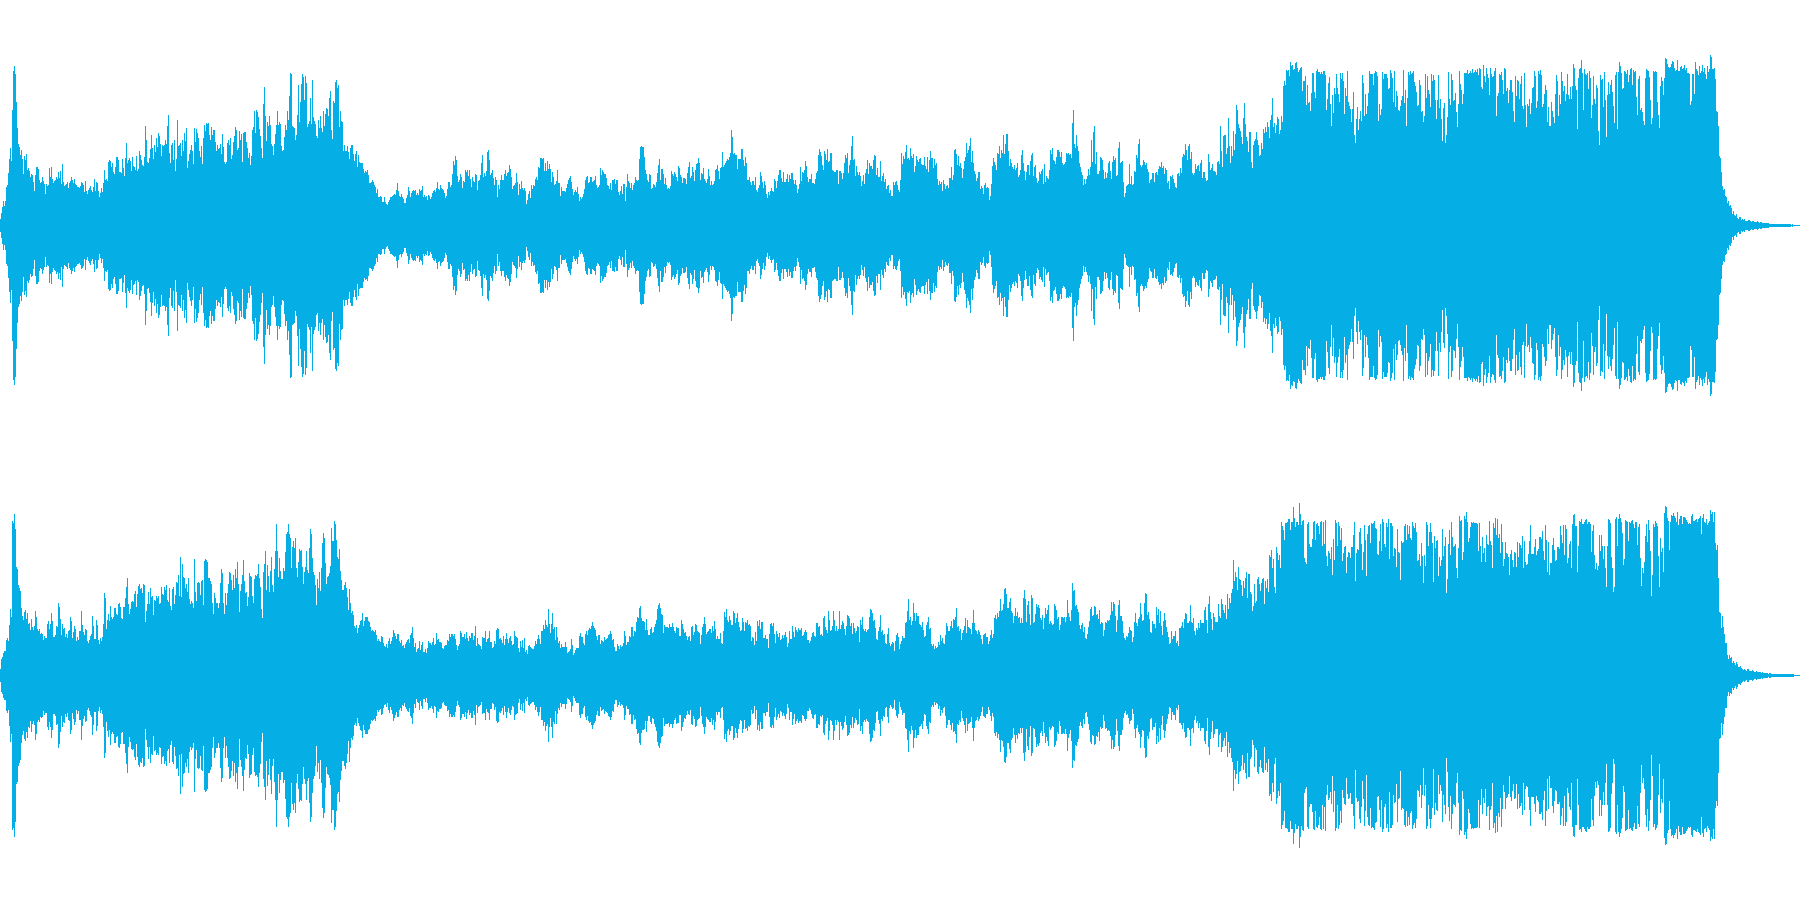 壮大なゲームオープニング風オーケストラ曲の再生済みの波形